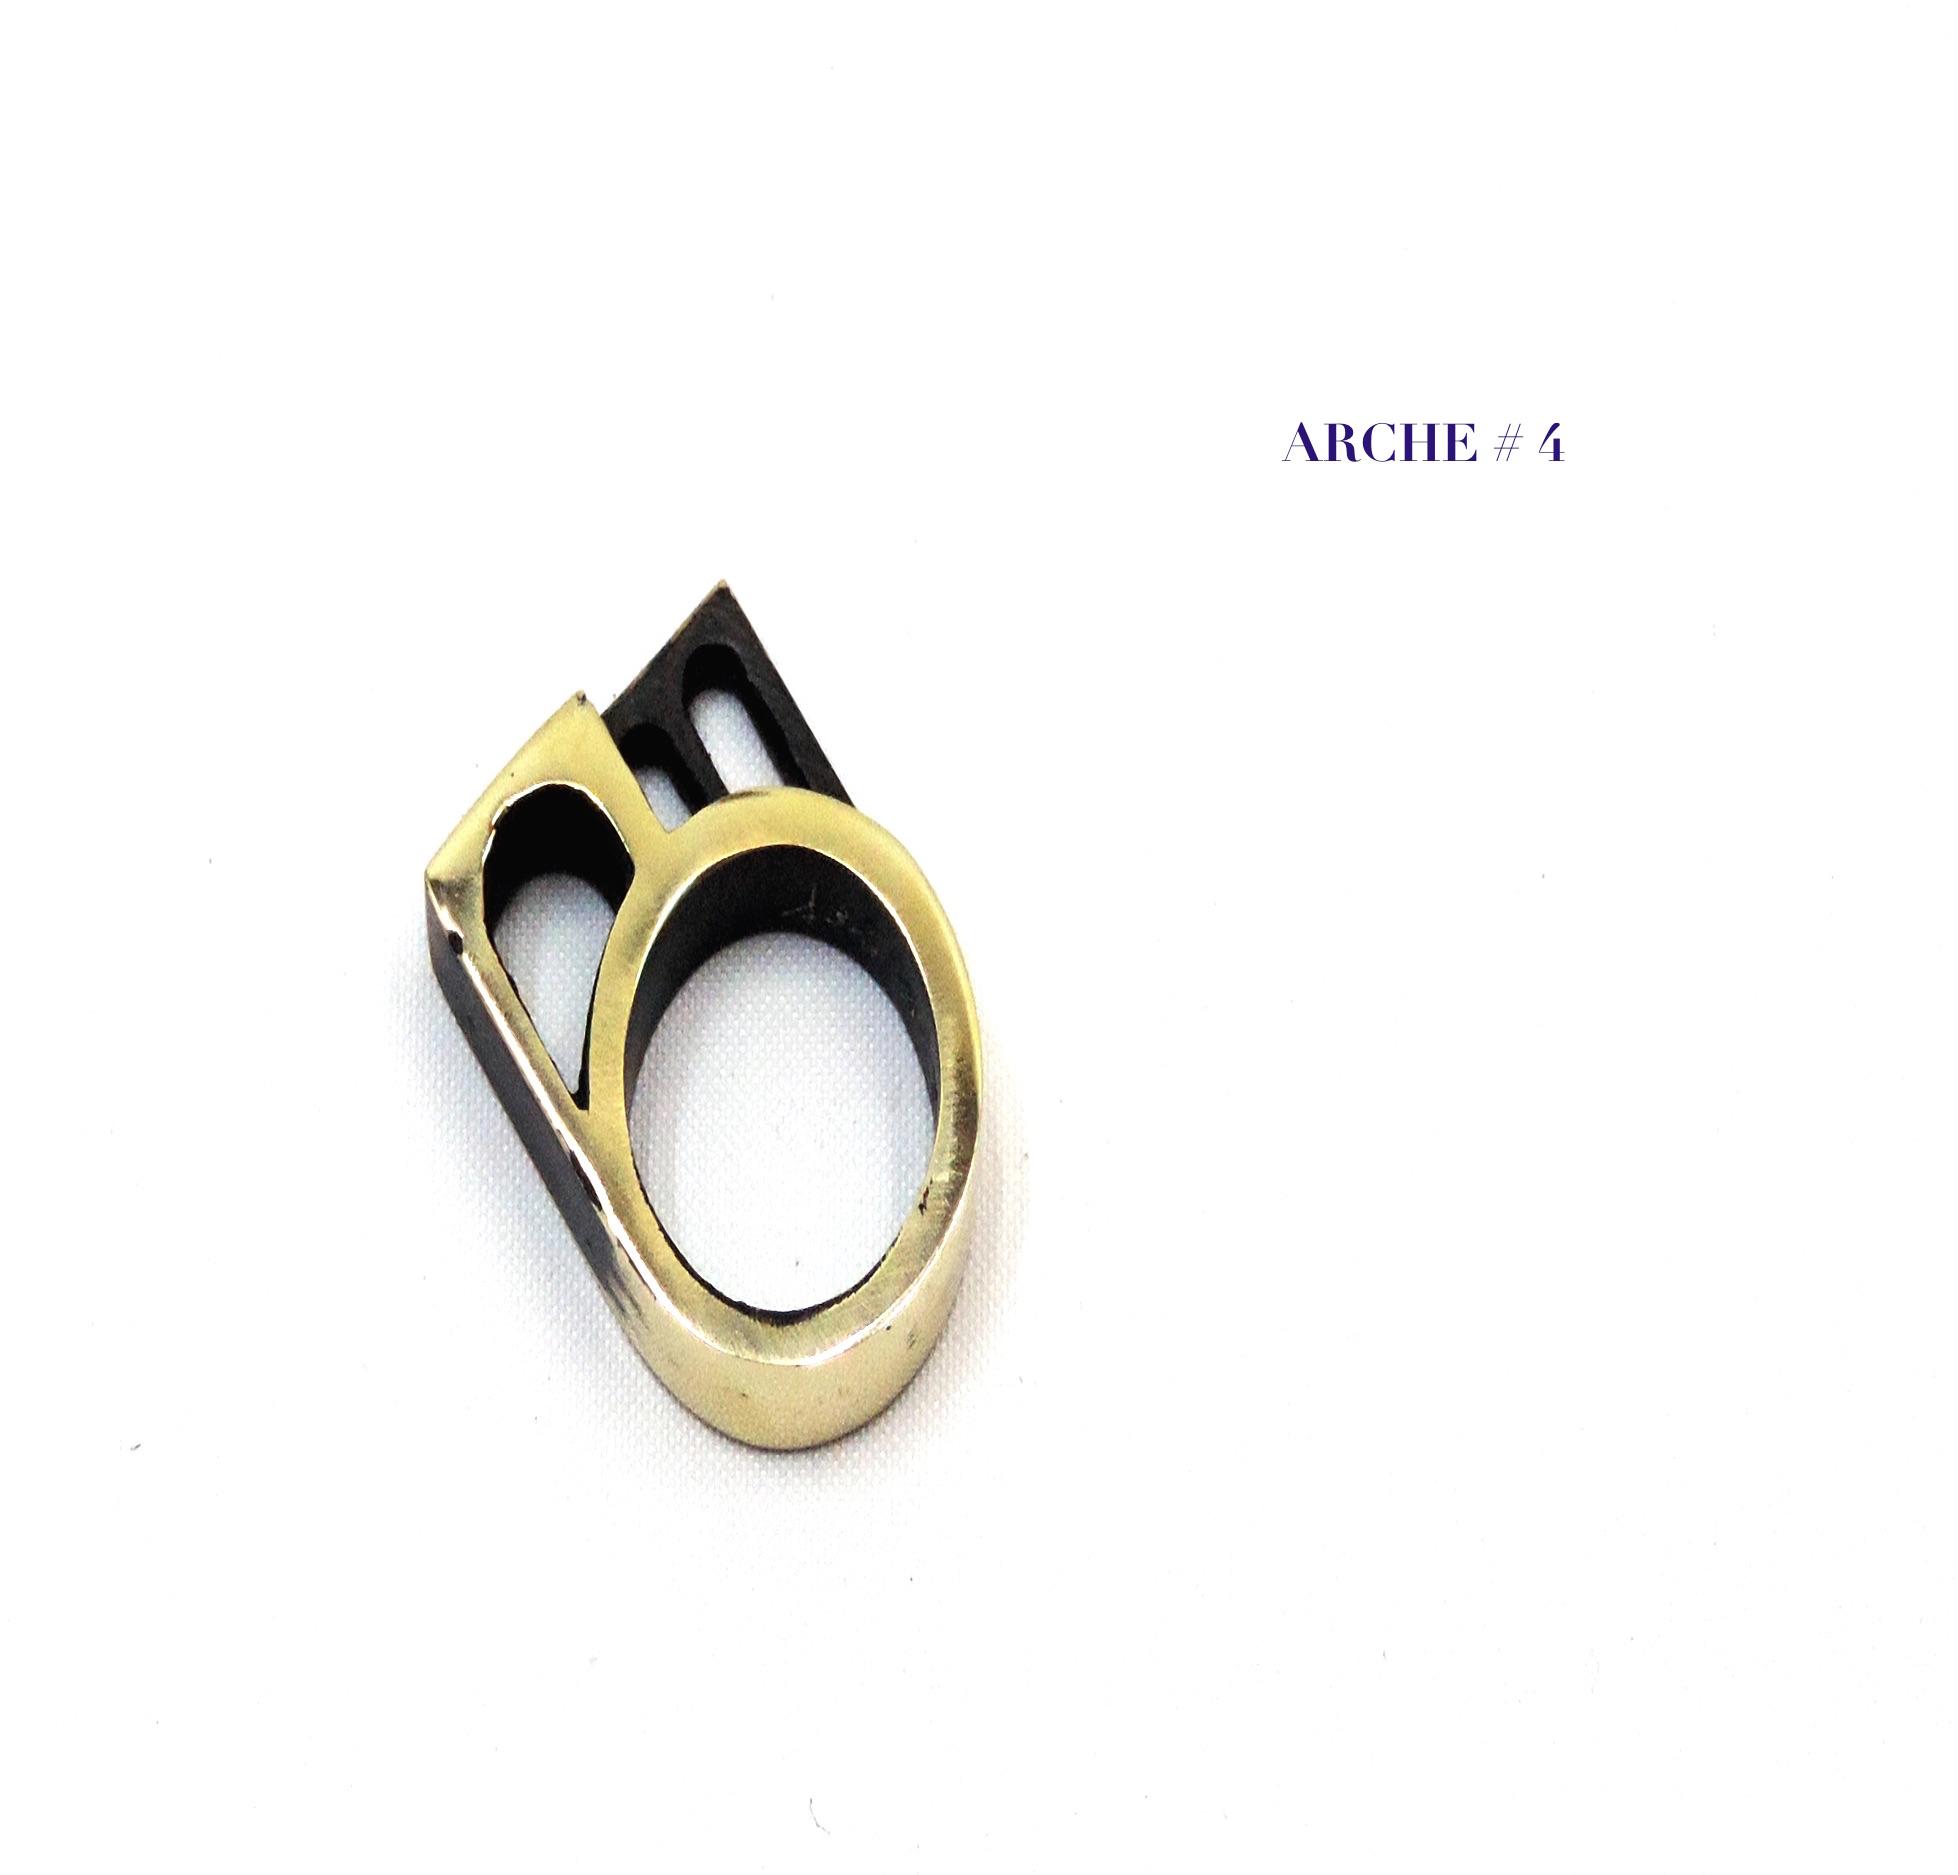 arche#4.jpg